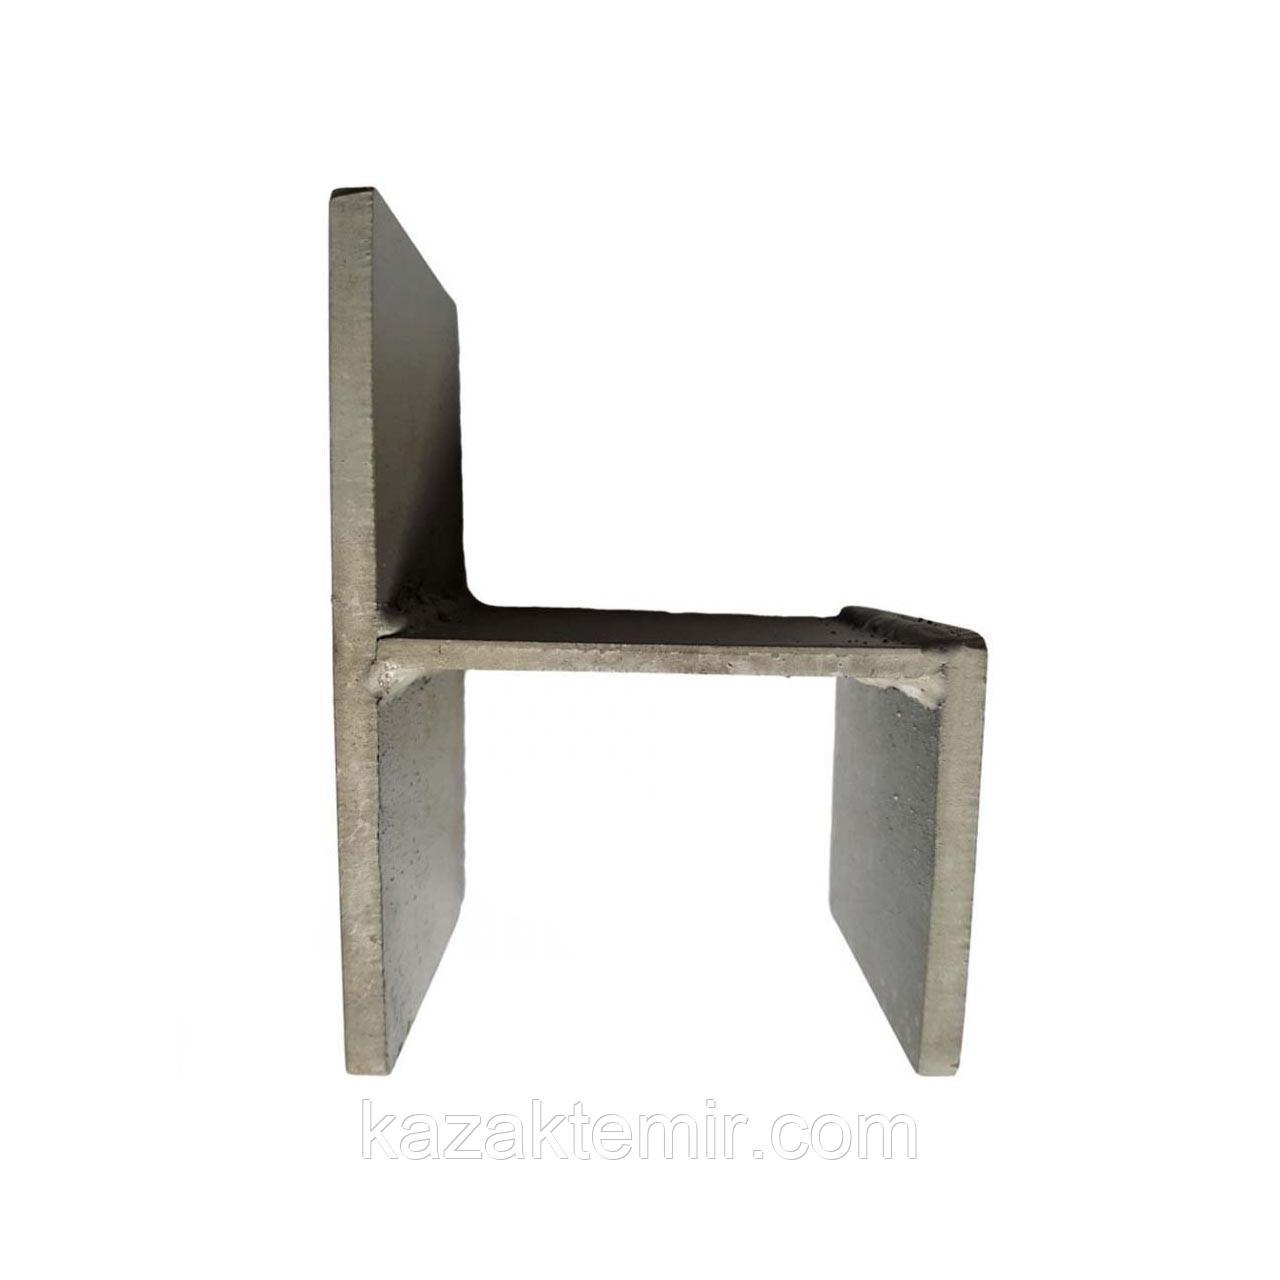 Элемент соединительный МС-7 (для плит и днищ диаметром 1,5 м)